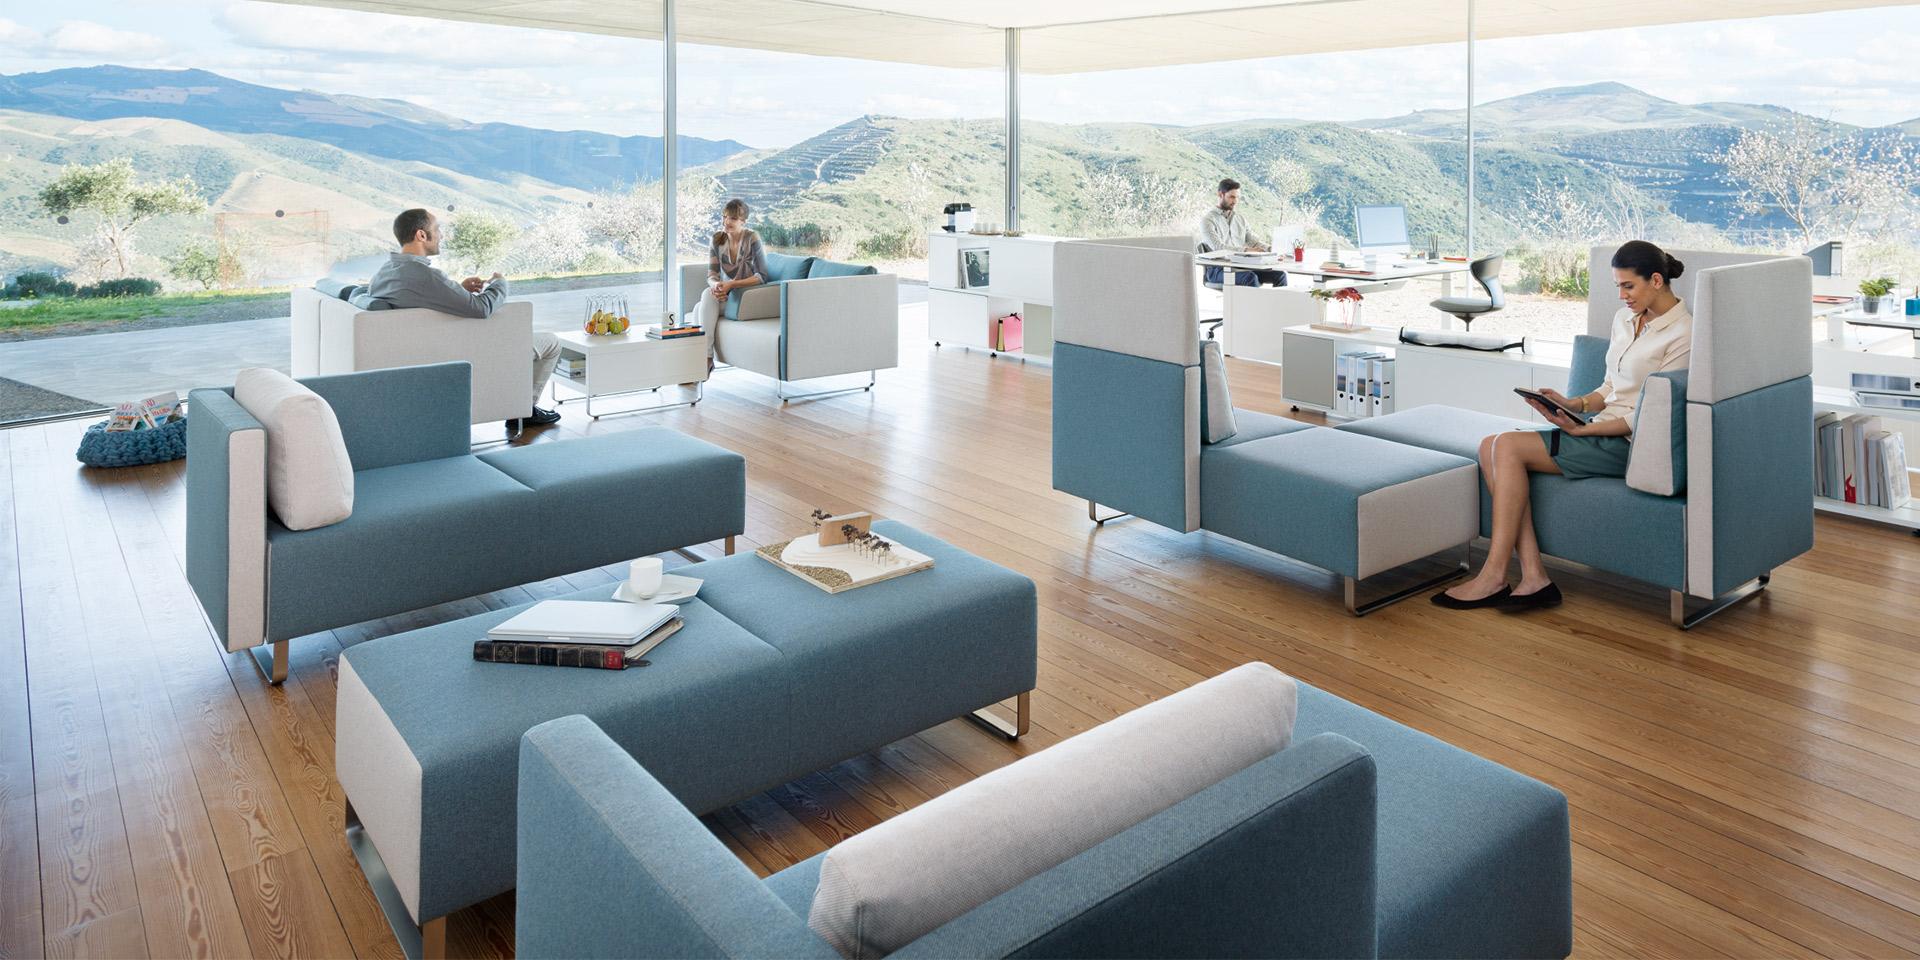 bien am nager son espace d tente pensez la convivialit de votre entreprise. Black Bedroom Furniture Sets. Home Design Ideas